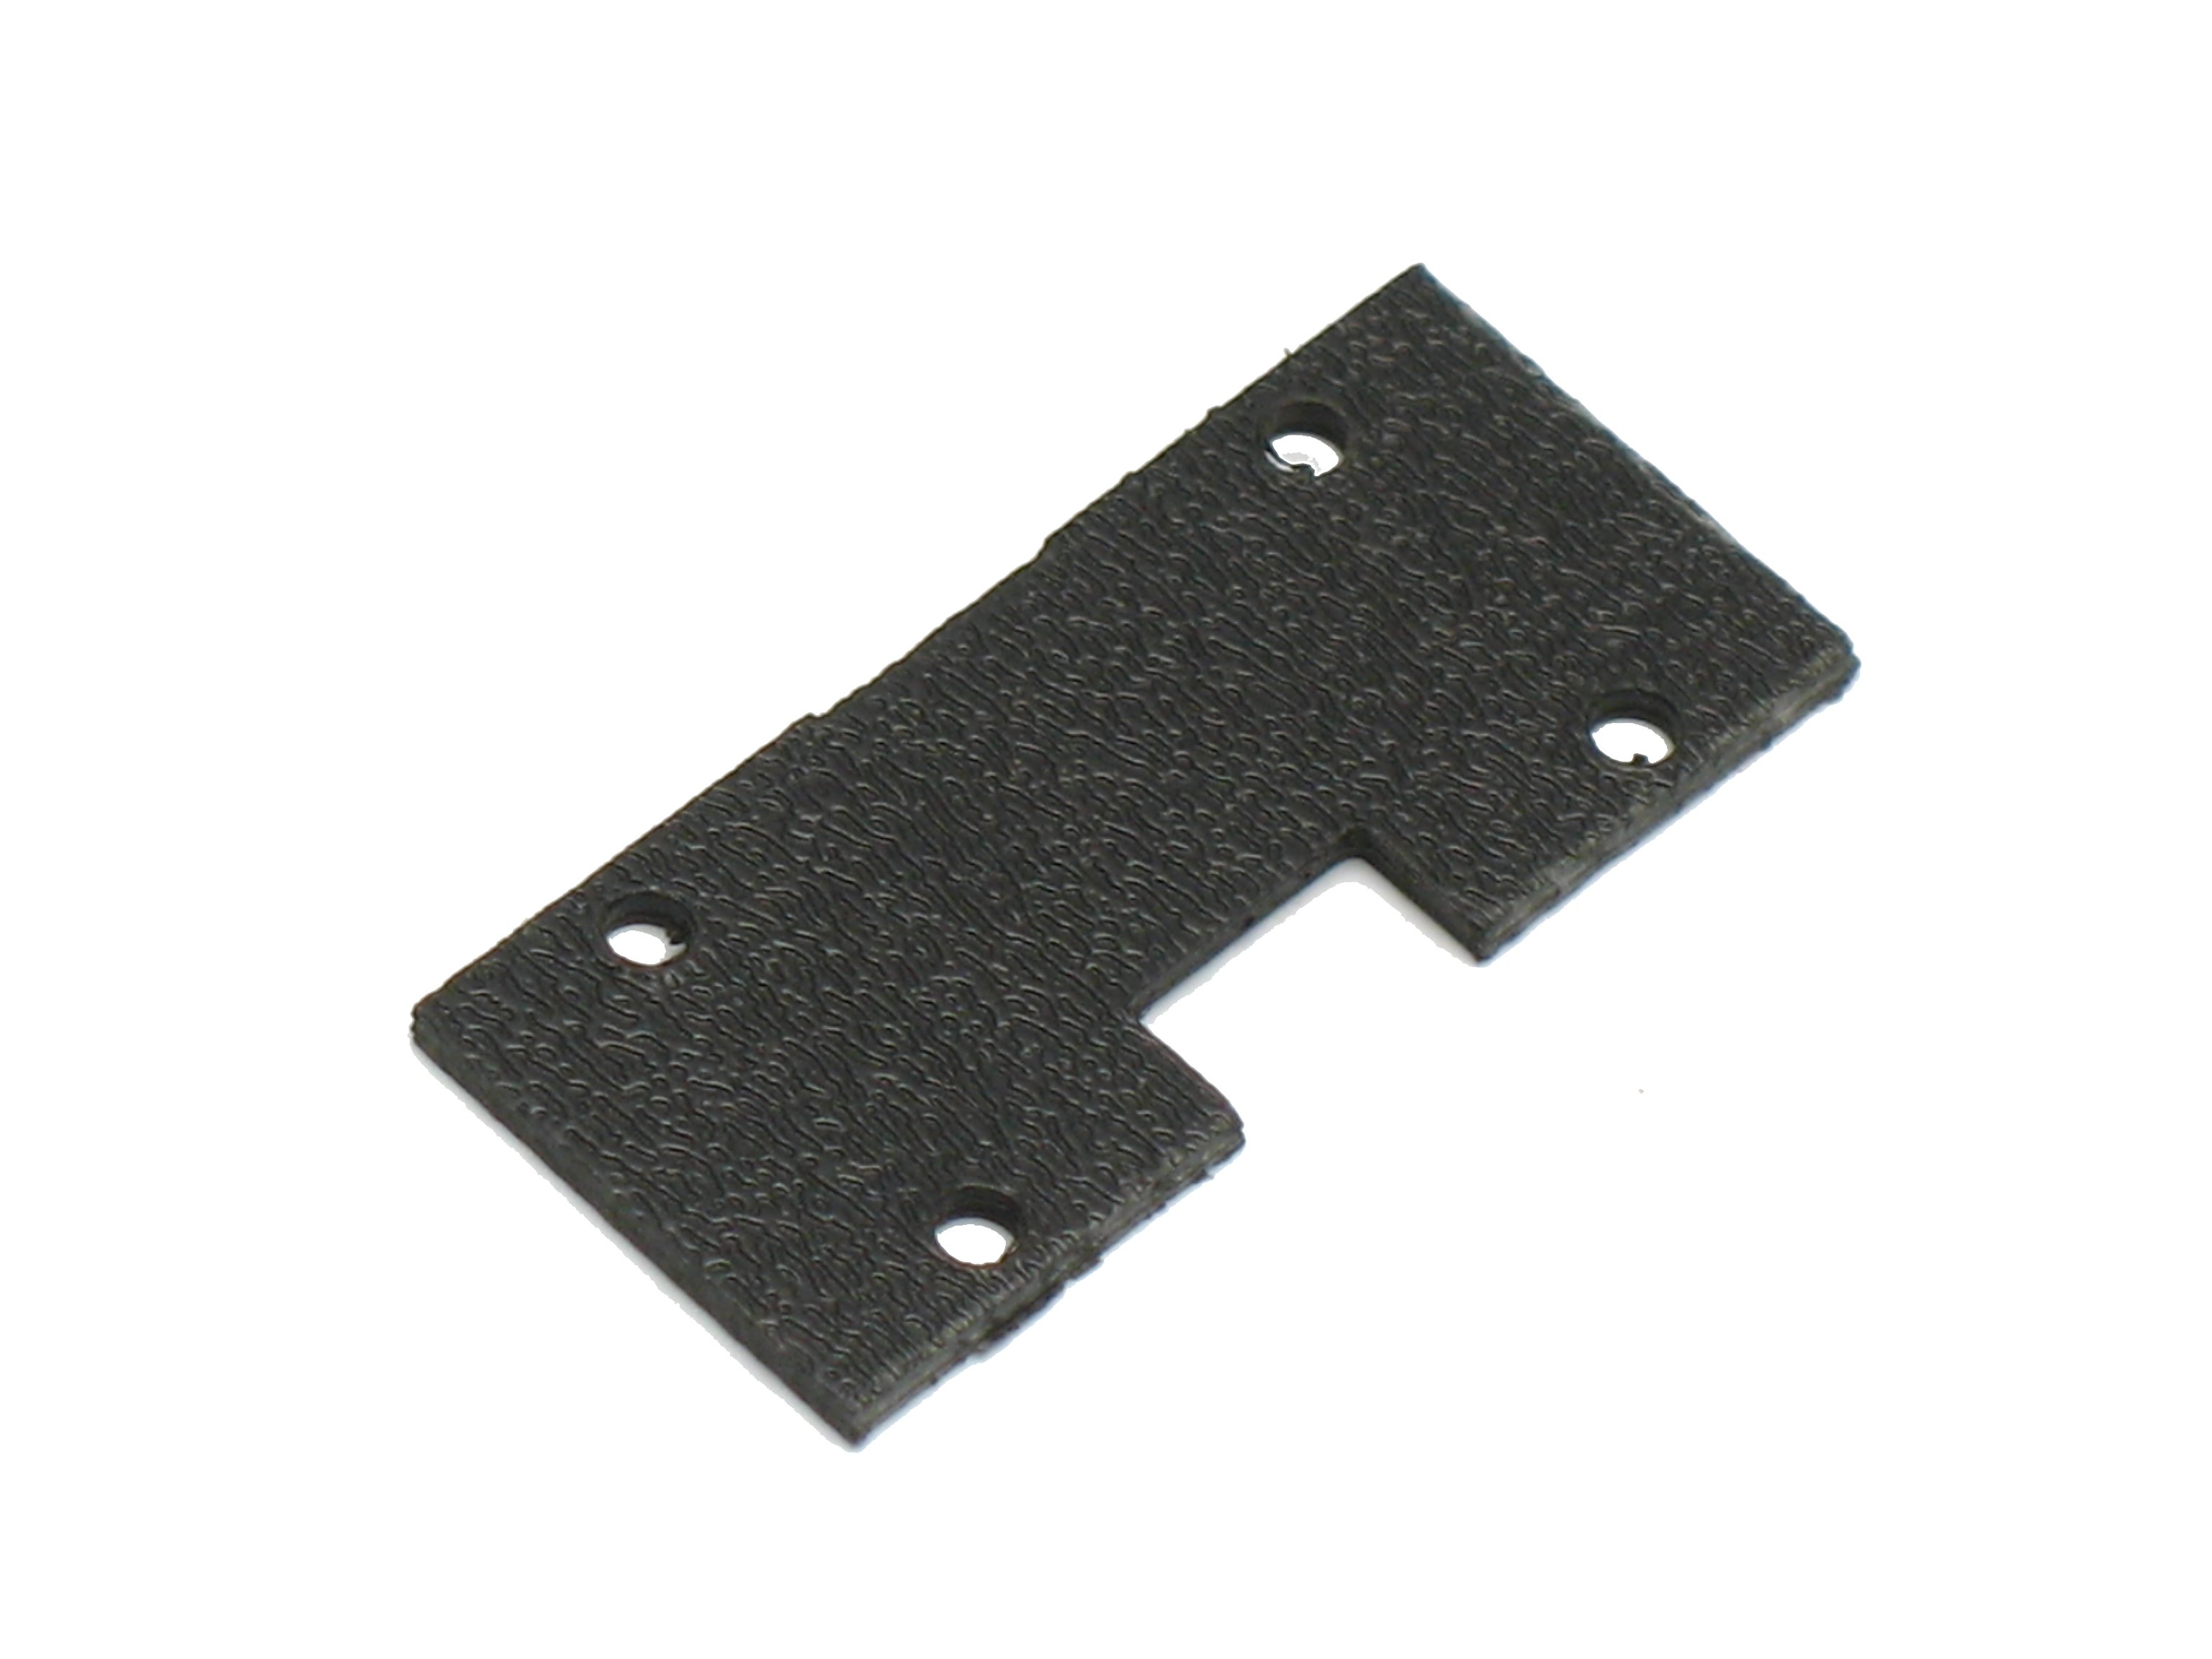 Stringlocks: #8450 Stringlock Shim - Flat - Whammy Parts